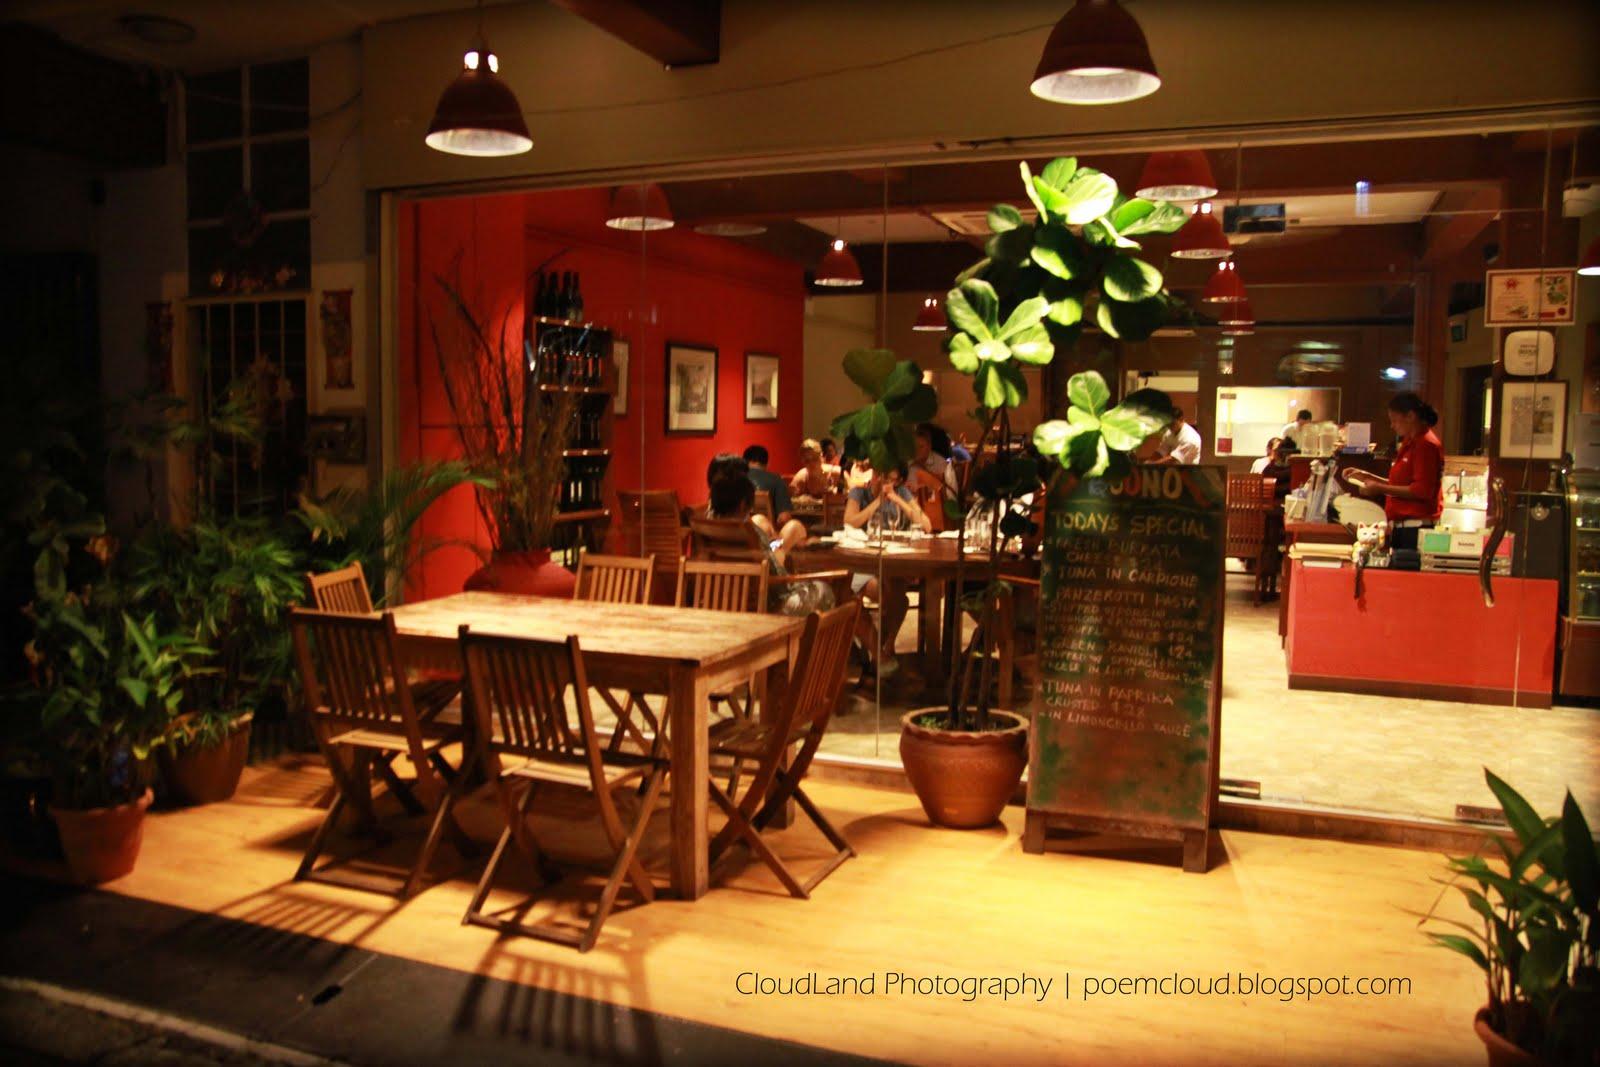 Buono: Restaurant serving excellent Italian cuisine 98